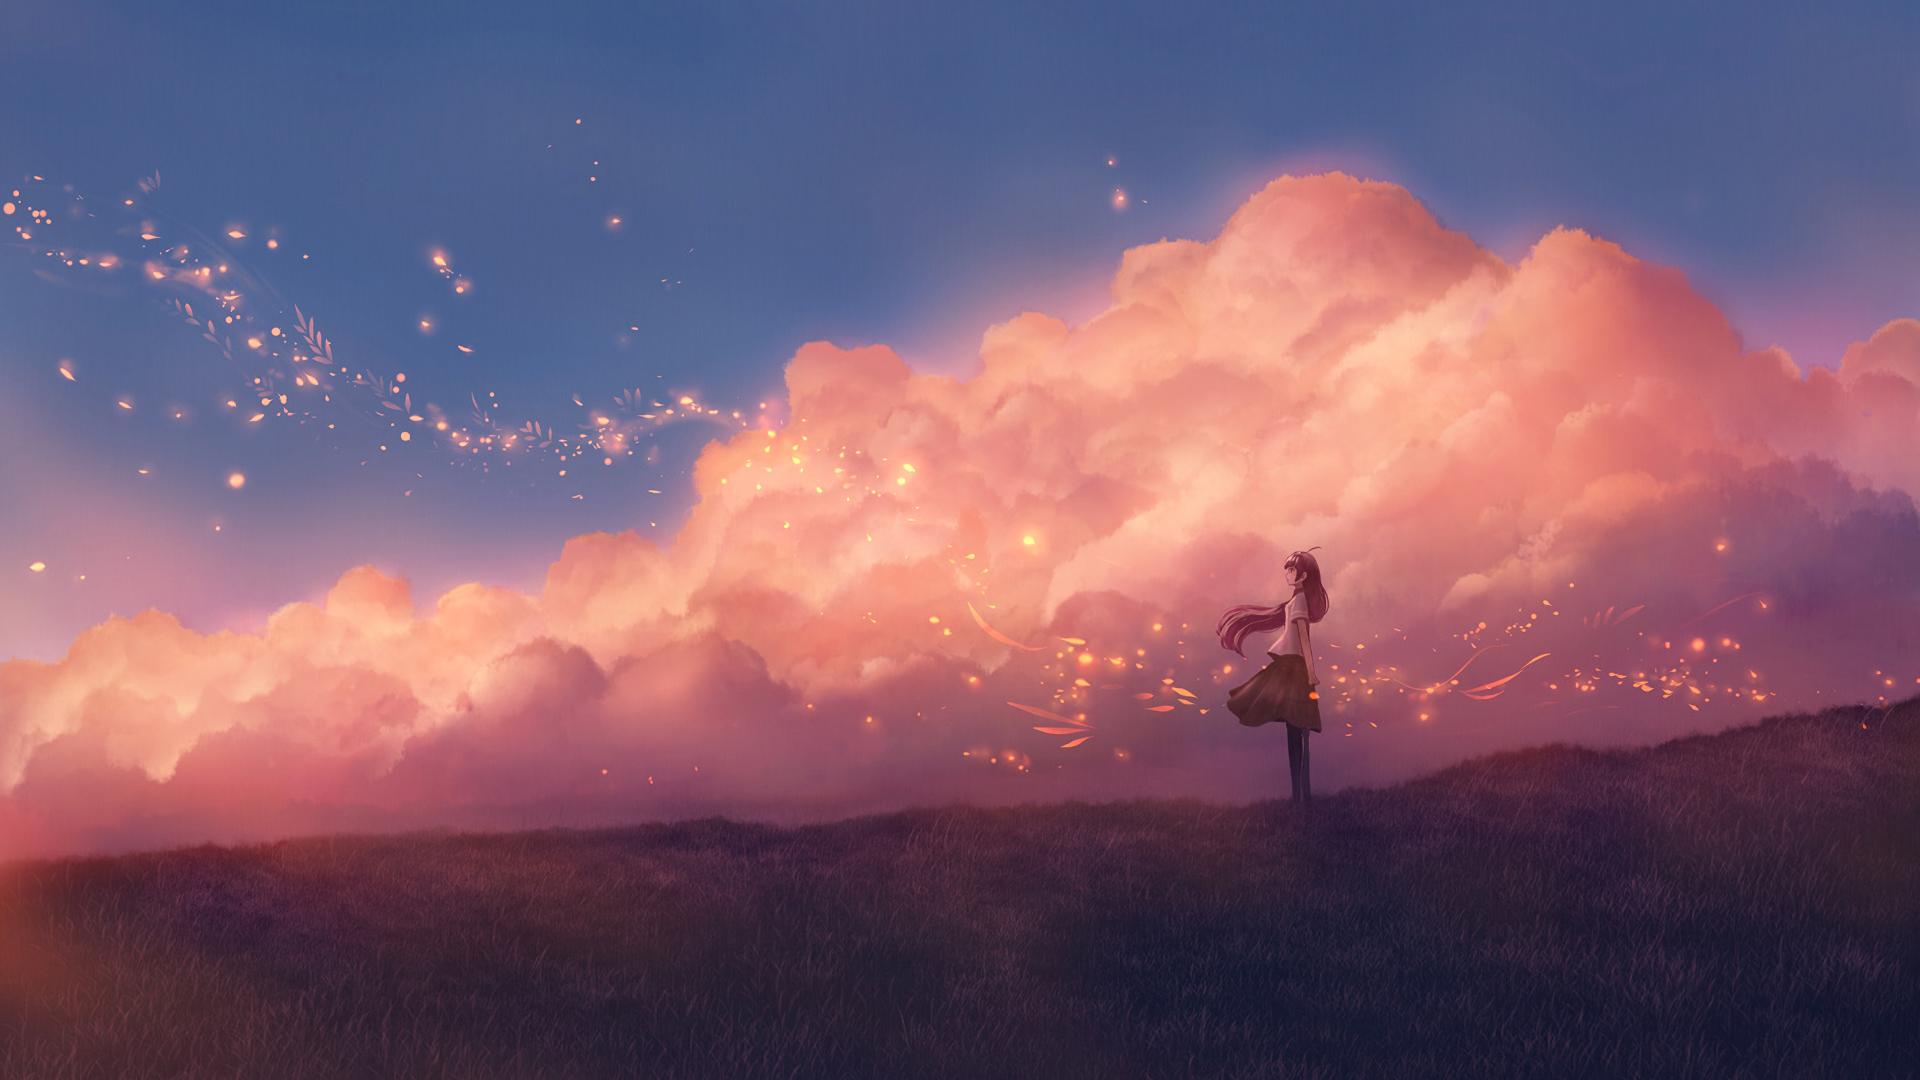 Anime Red Sky Wallpaper